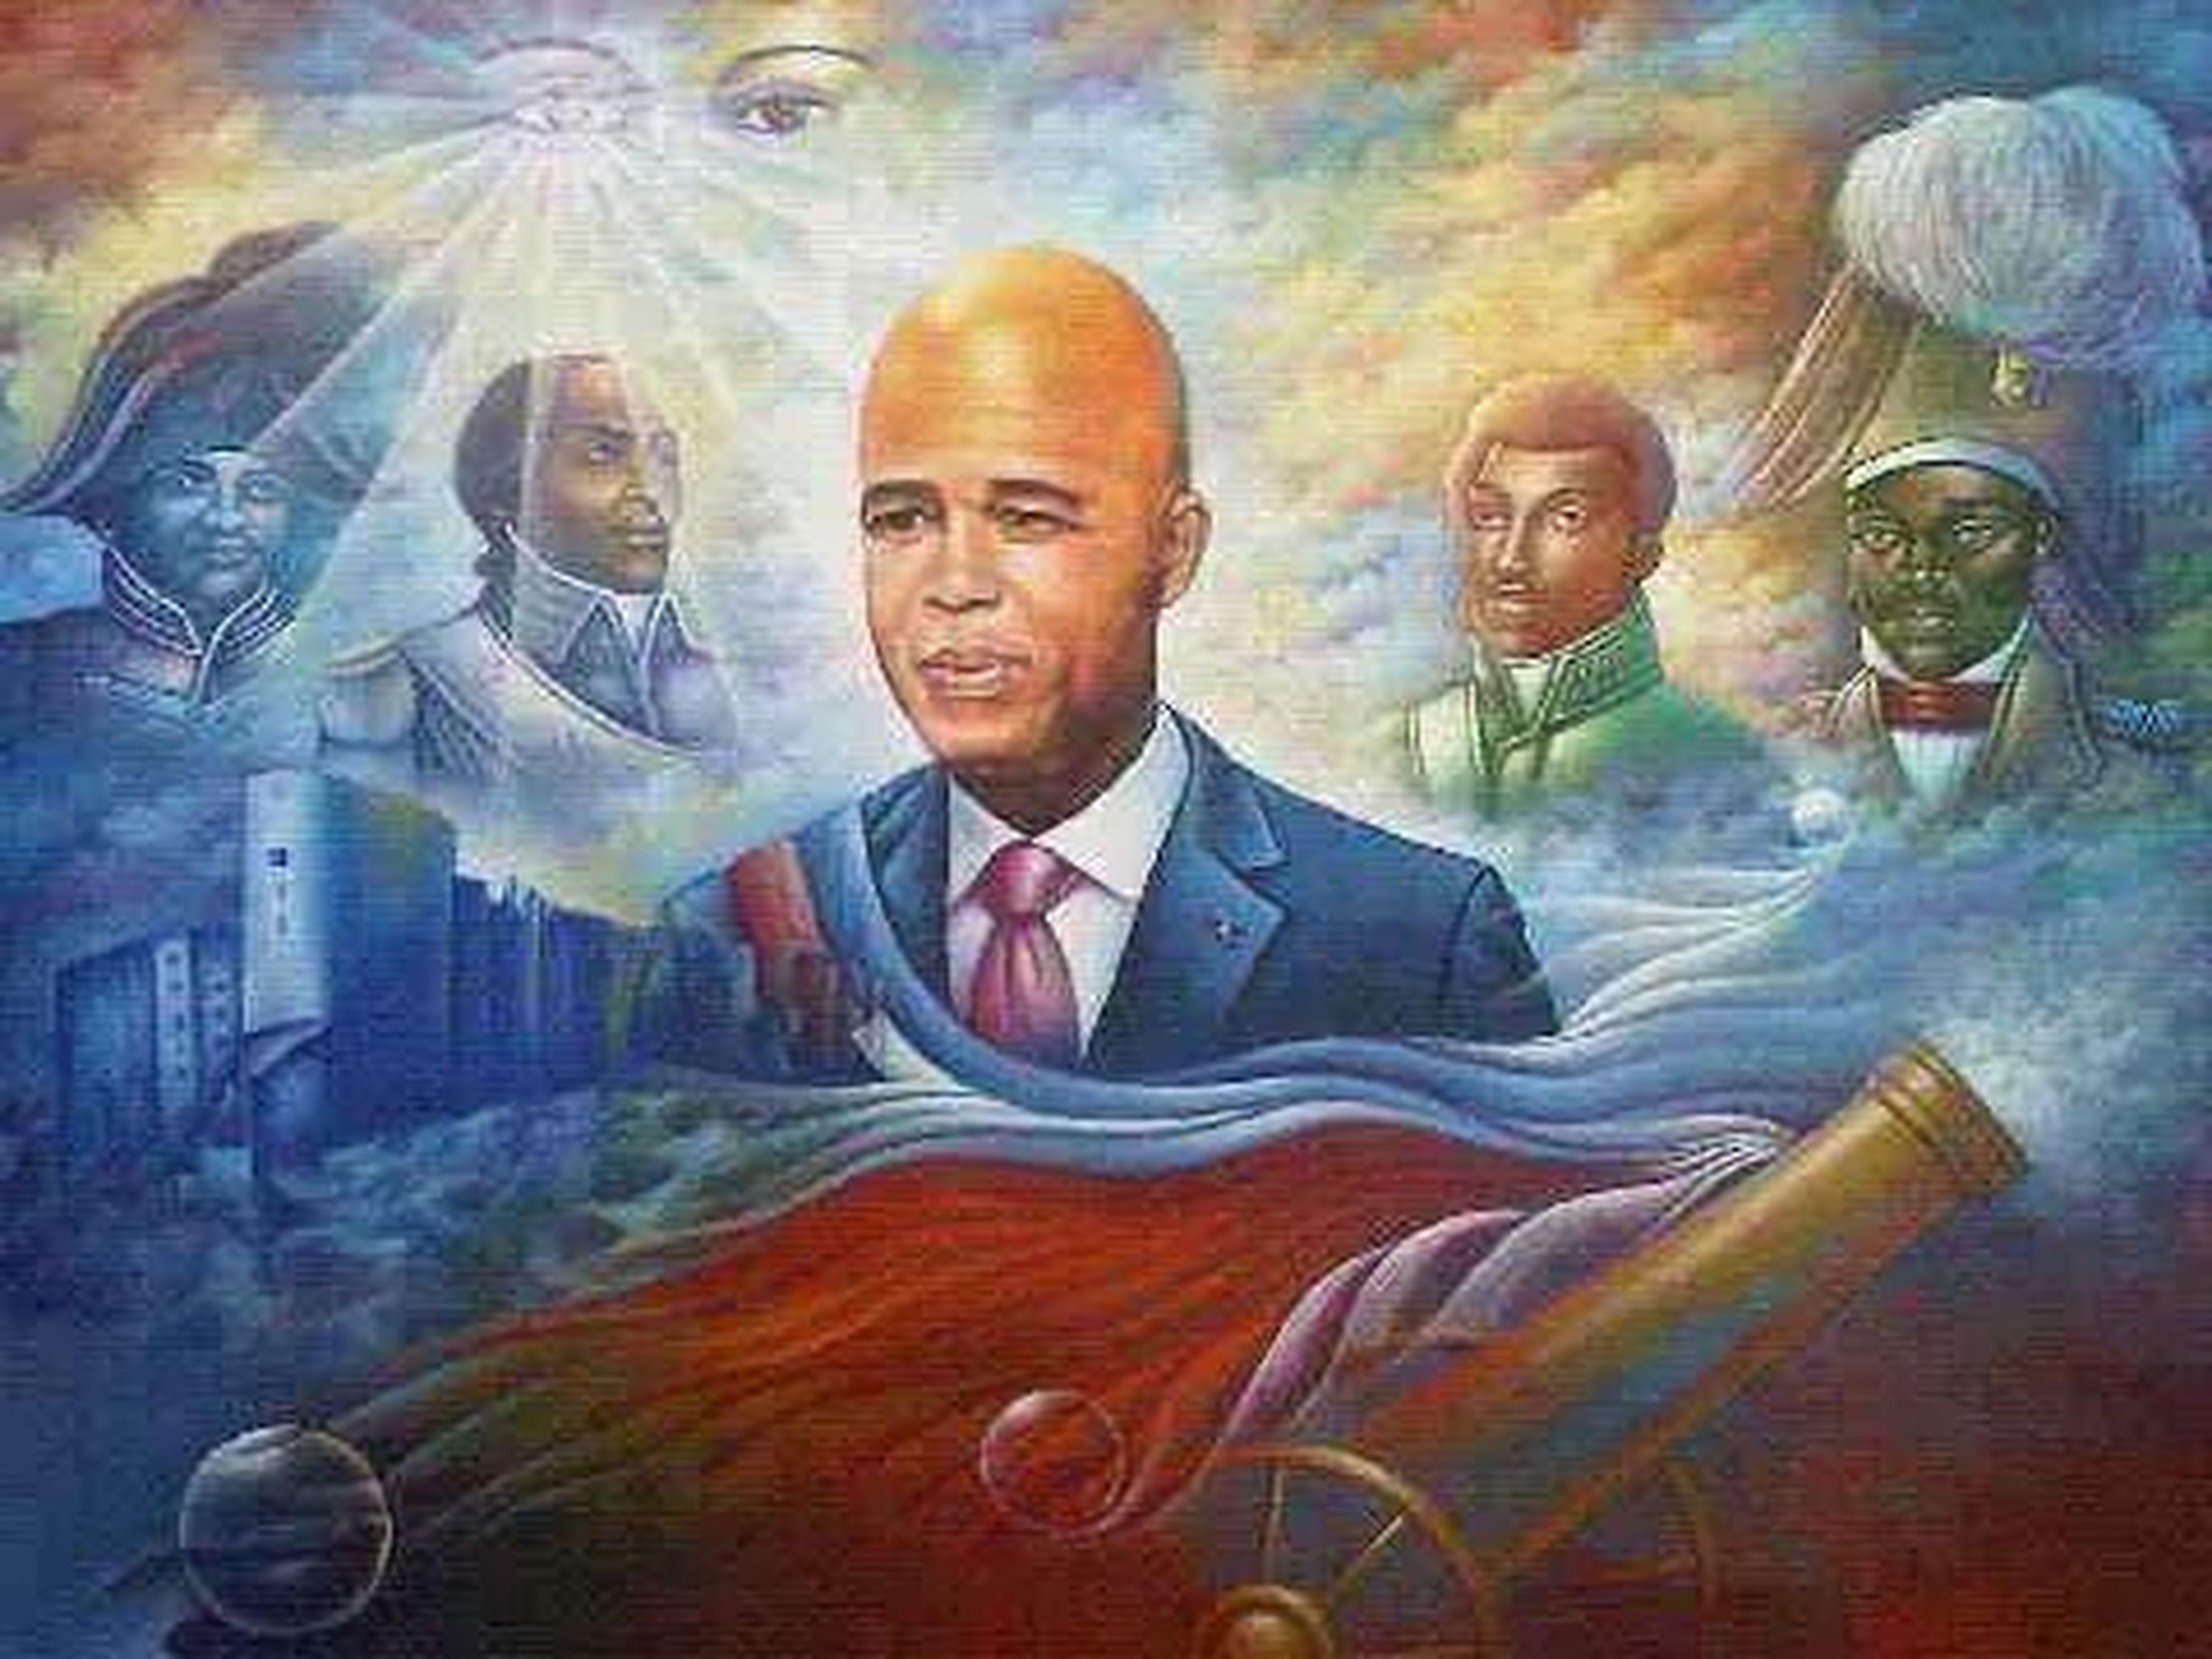 Haitian President Street Art Haitian History President Martelly